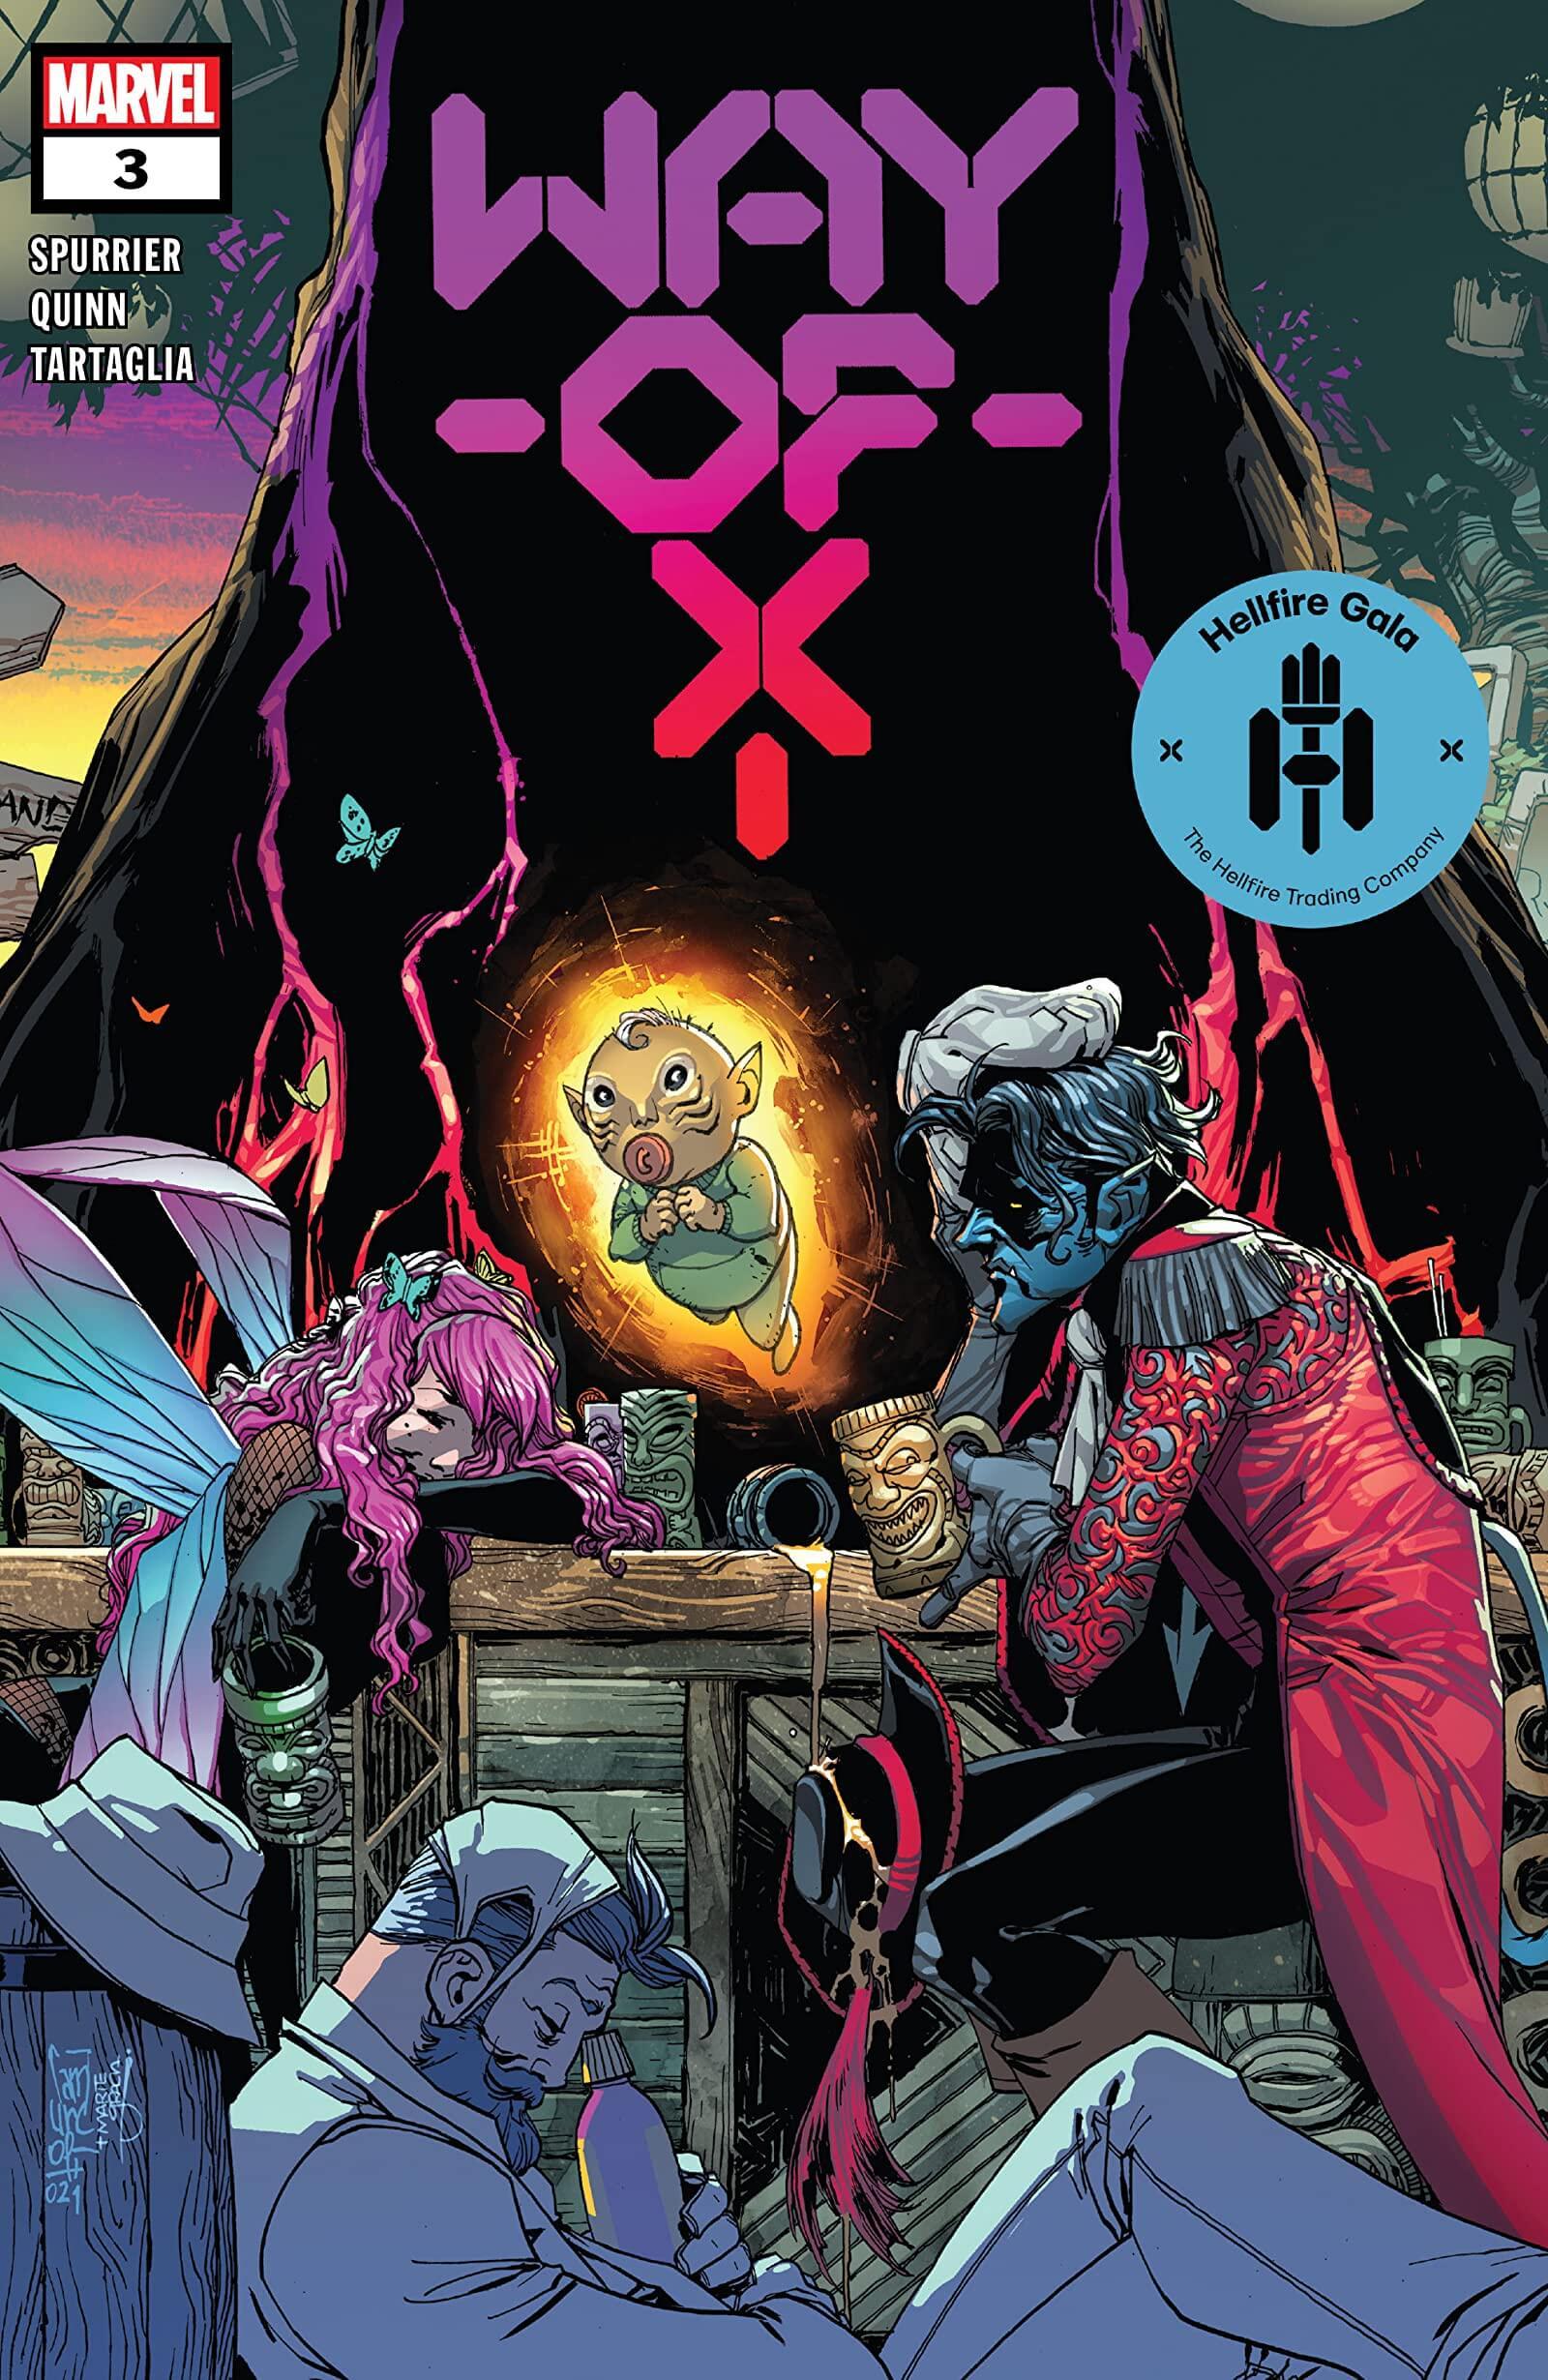 Way of X #3 - Camuncoli, Gracia - Marvel Comics June 23rd, 2021